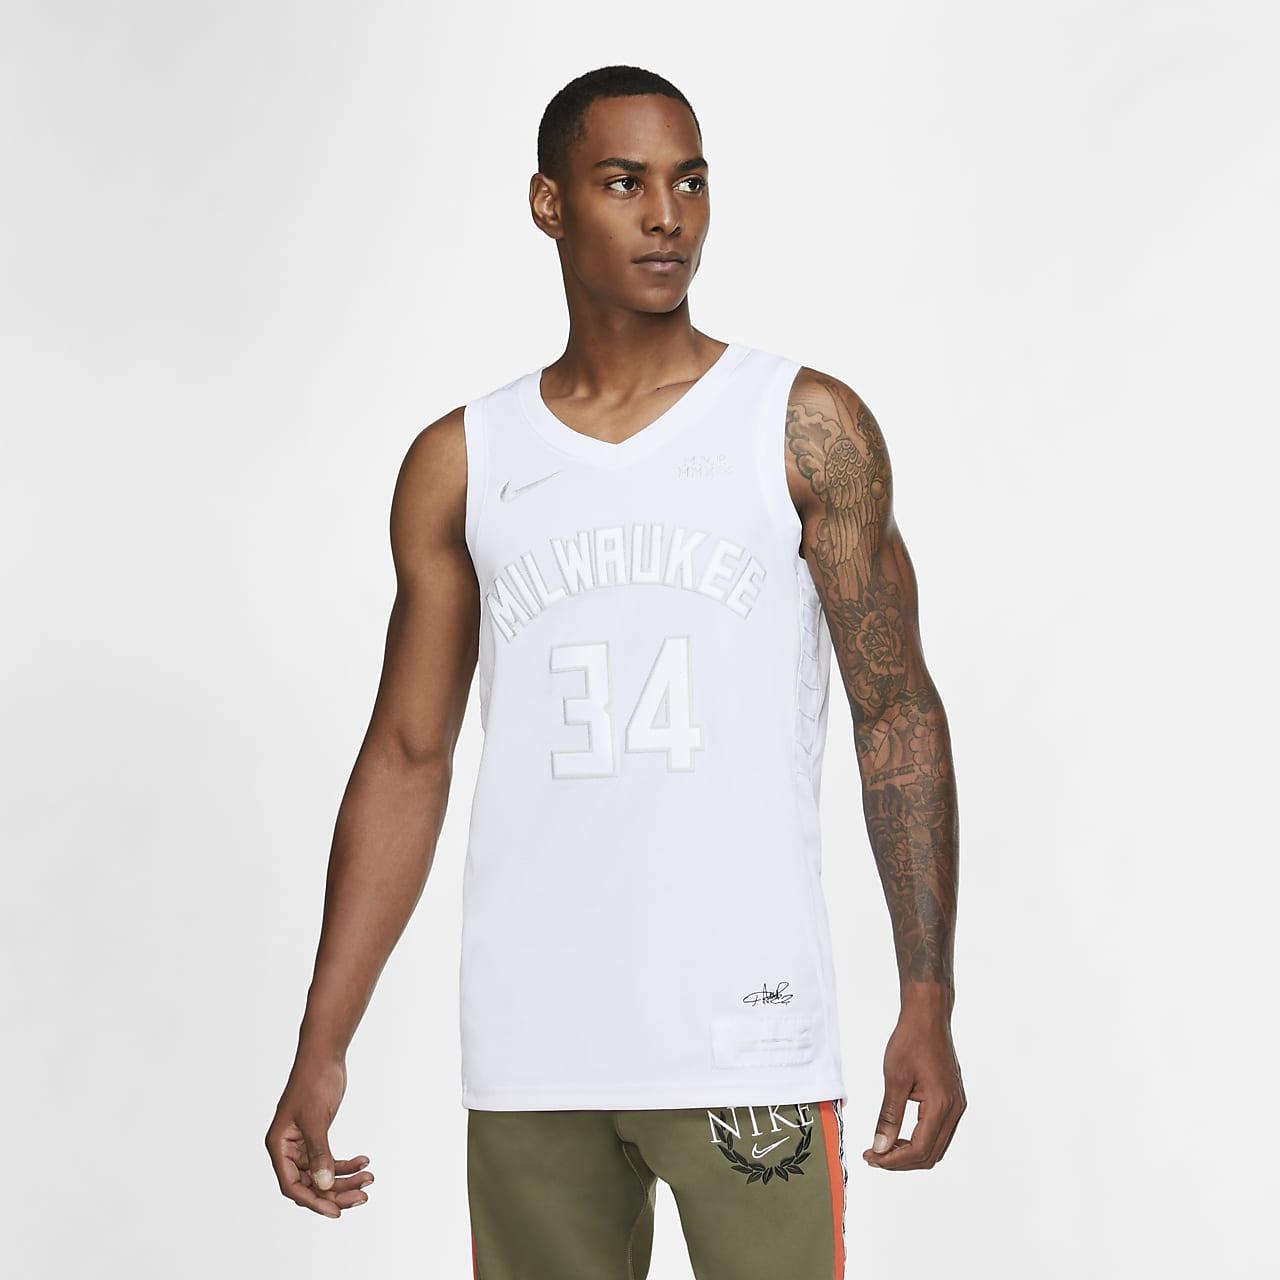 vista previa de última venta en venta en línea Camiseta Nike NBA para hombre Giannis Antetokounmpo Bucks MVP. Nike MX